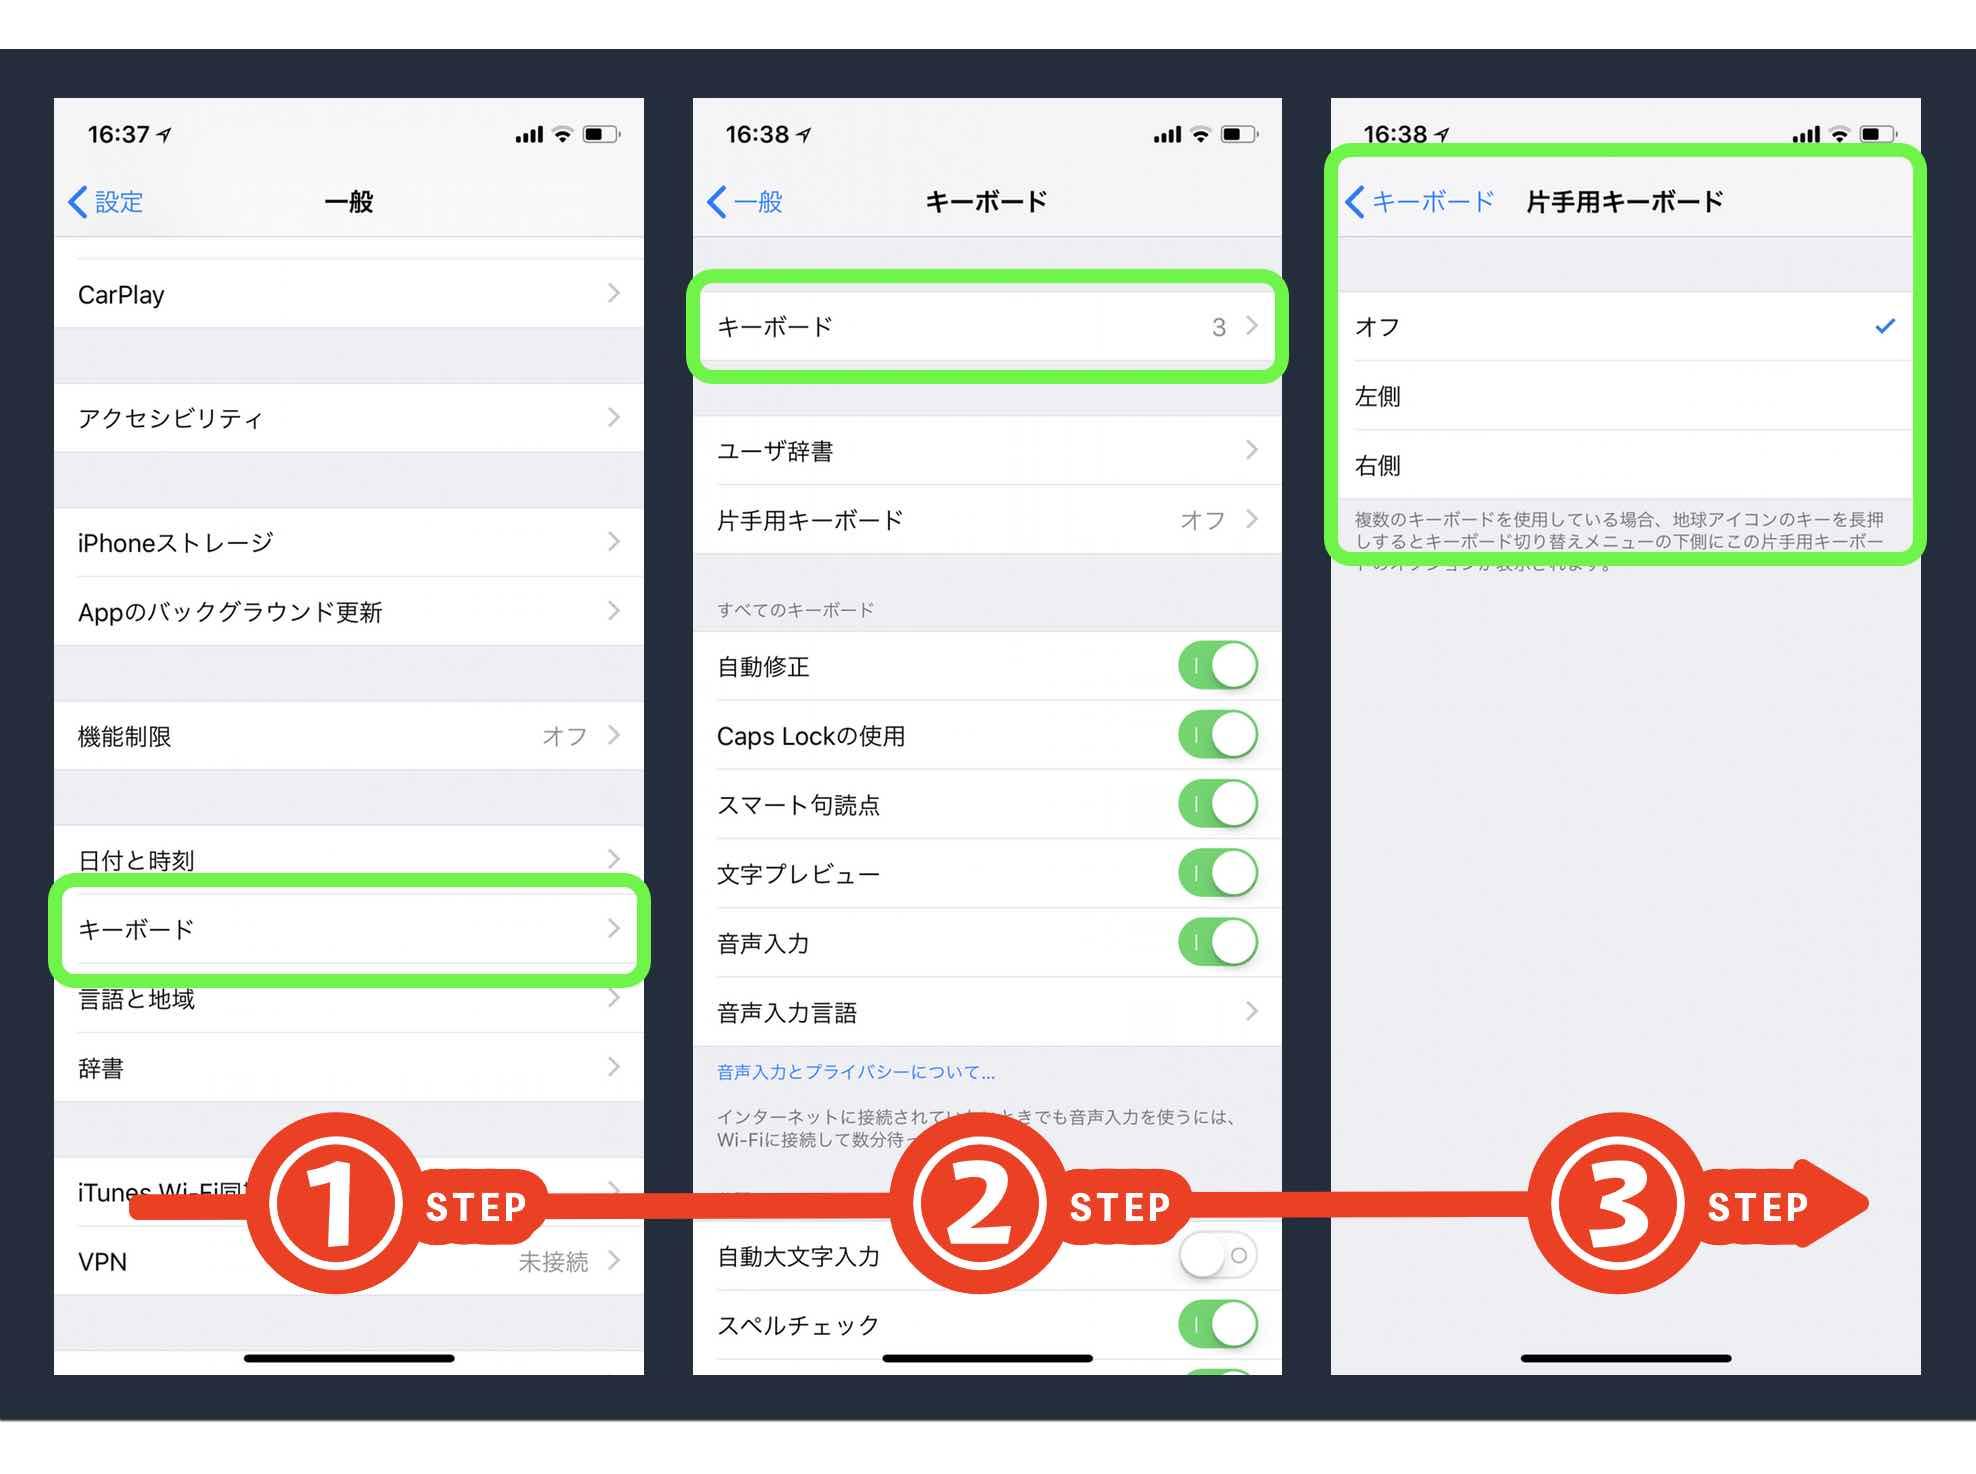 iPhoneTips片手キーボード設定についての画像